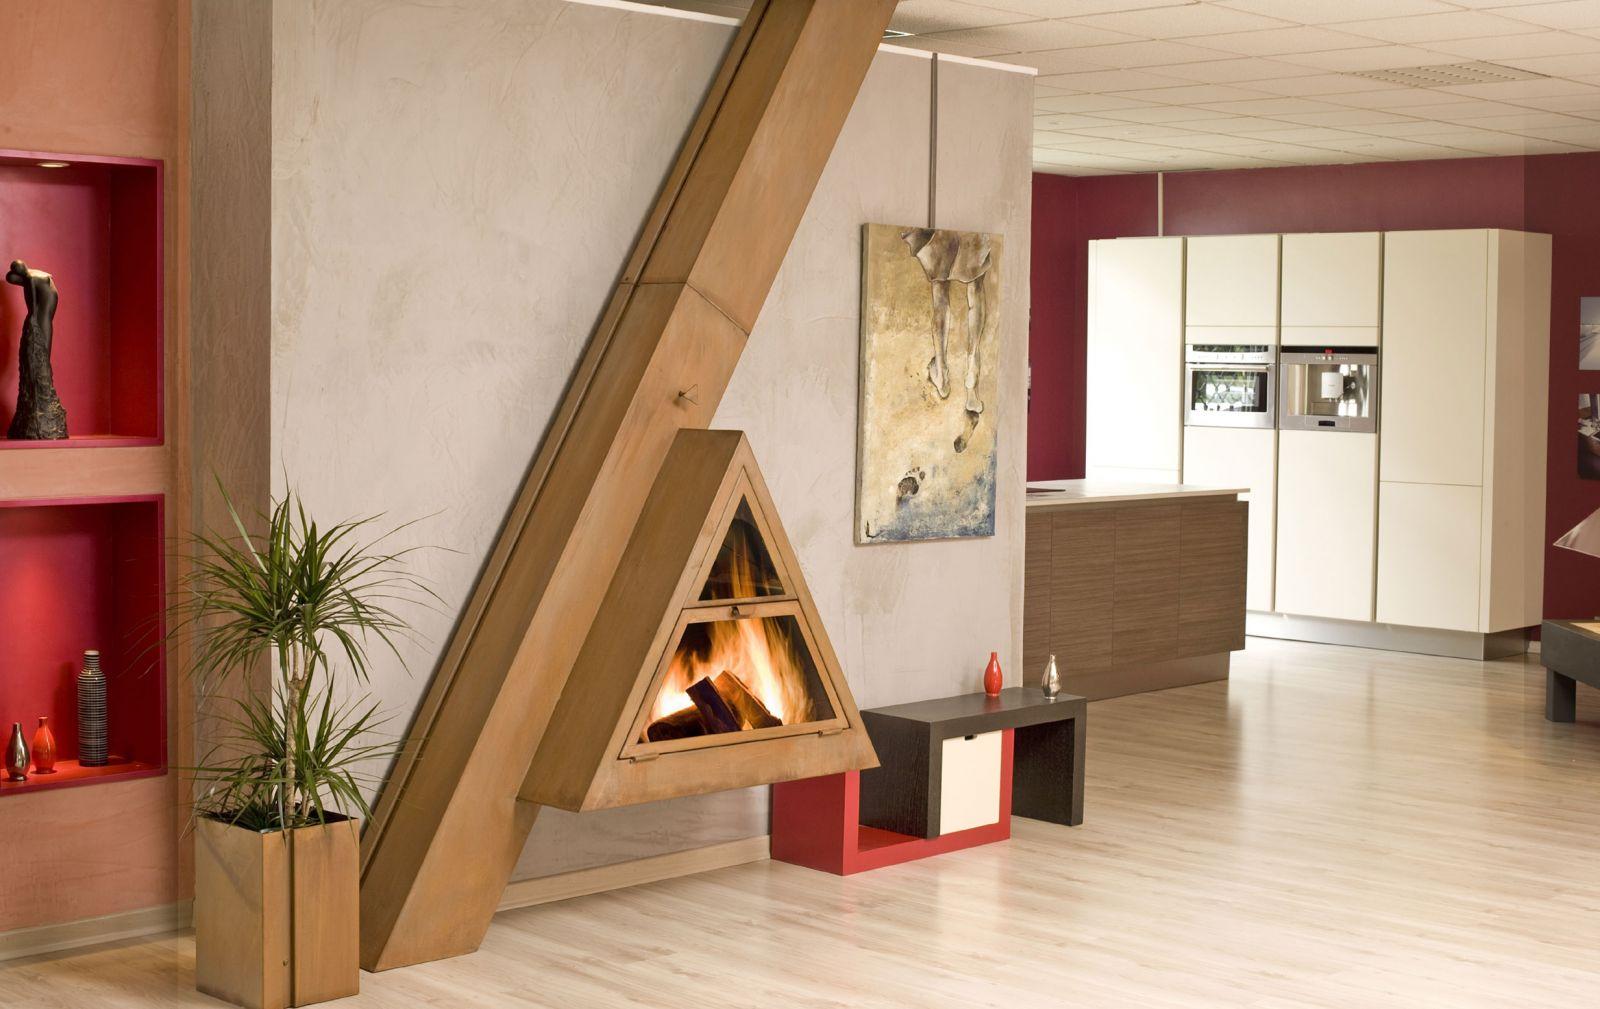 vente et installation de chemin e sur mesure en gironde 33 chemin e medoc chemin e. Black Bedroom Furniture Sets. Home Design Ideas